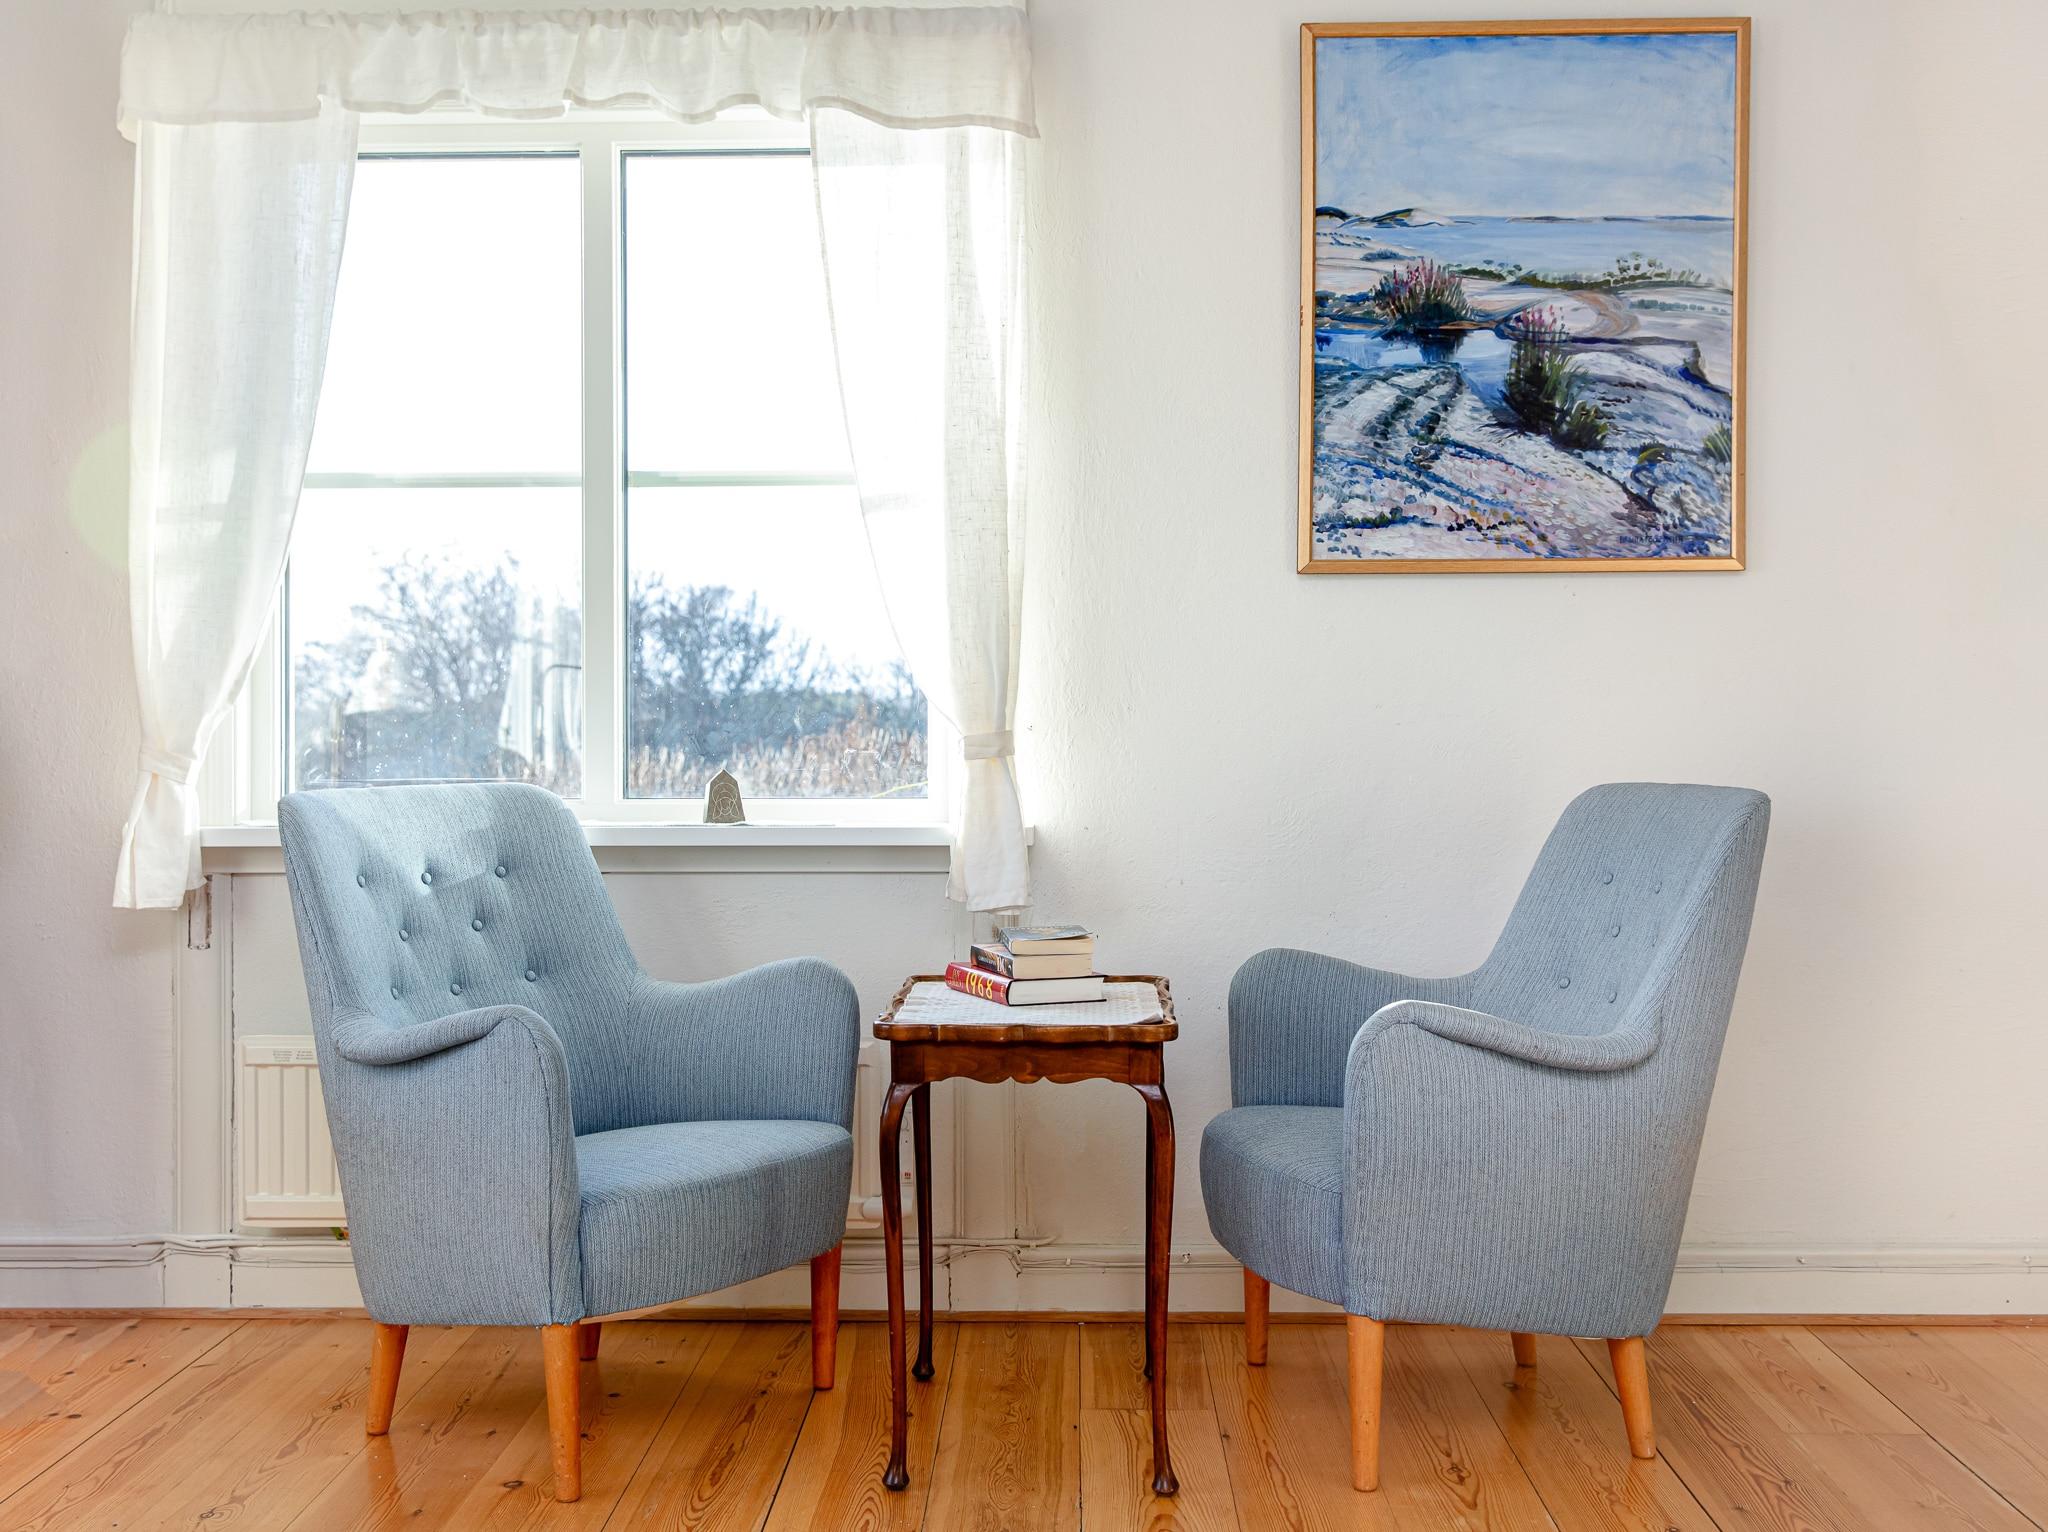 Samtalsterapi i Stockholm och online på dina villkor med Elinor Tekas, samtalsterapeut.